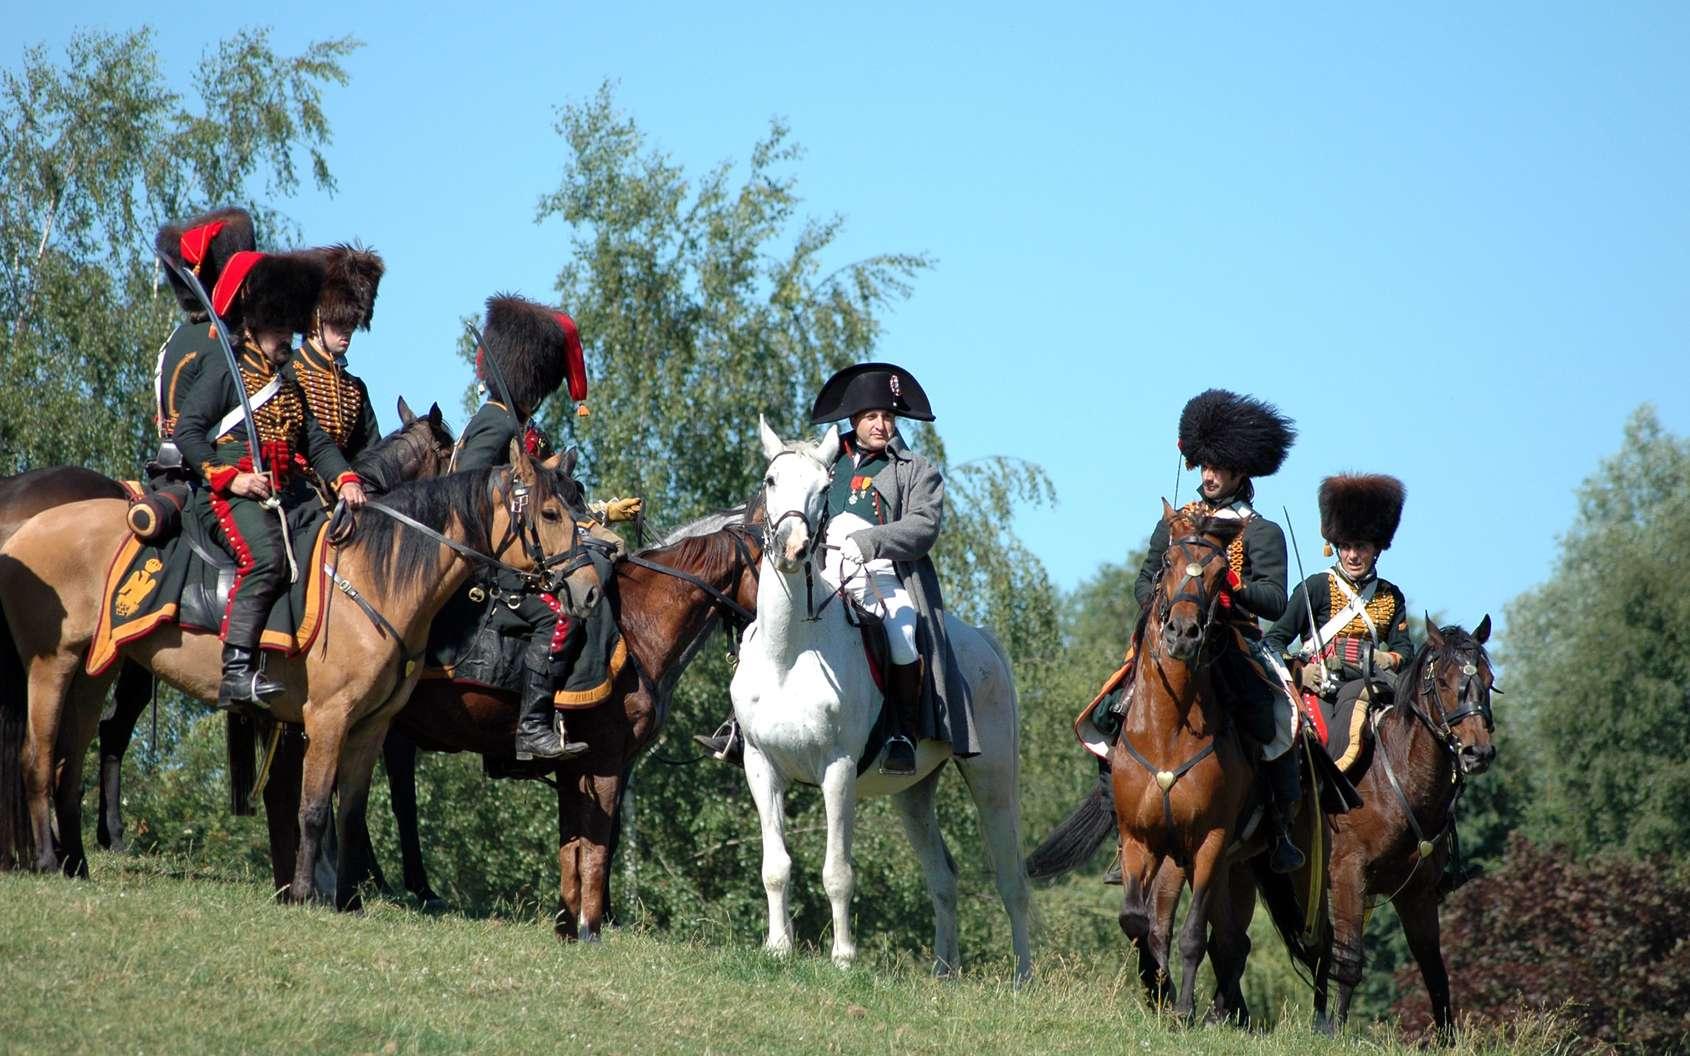 Les défaites de Napoléon comme Waterloo font l'objet de reconstitutions historiques régulières. © Martine Thibert, fotolia